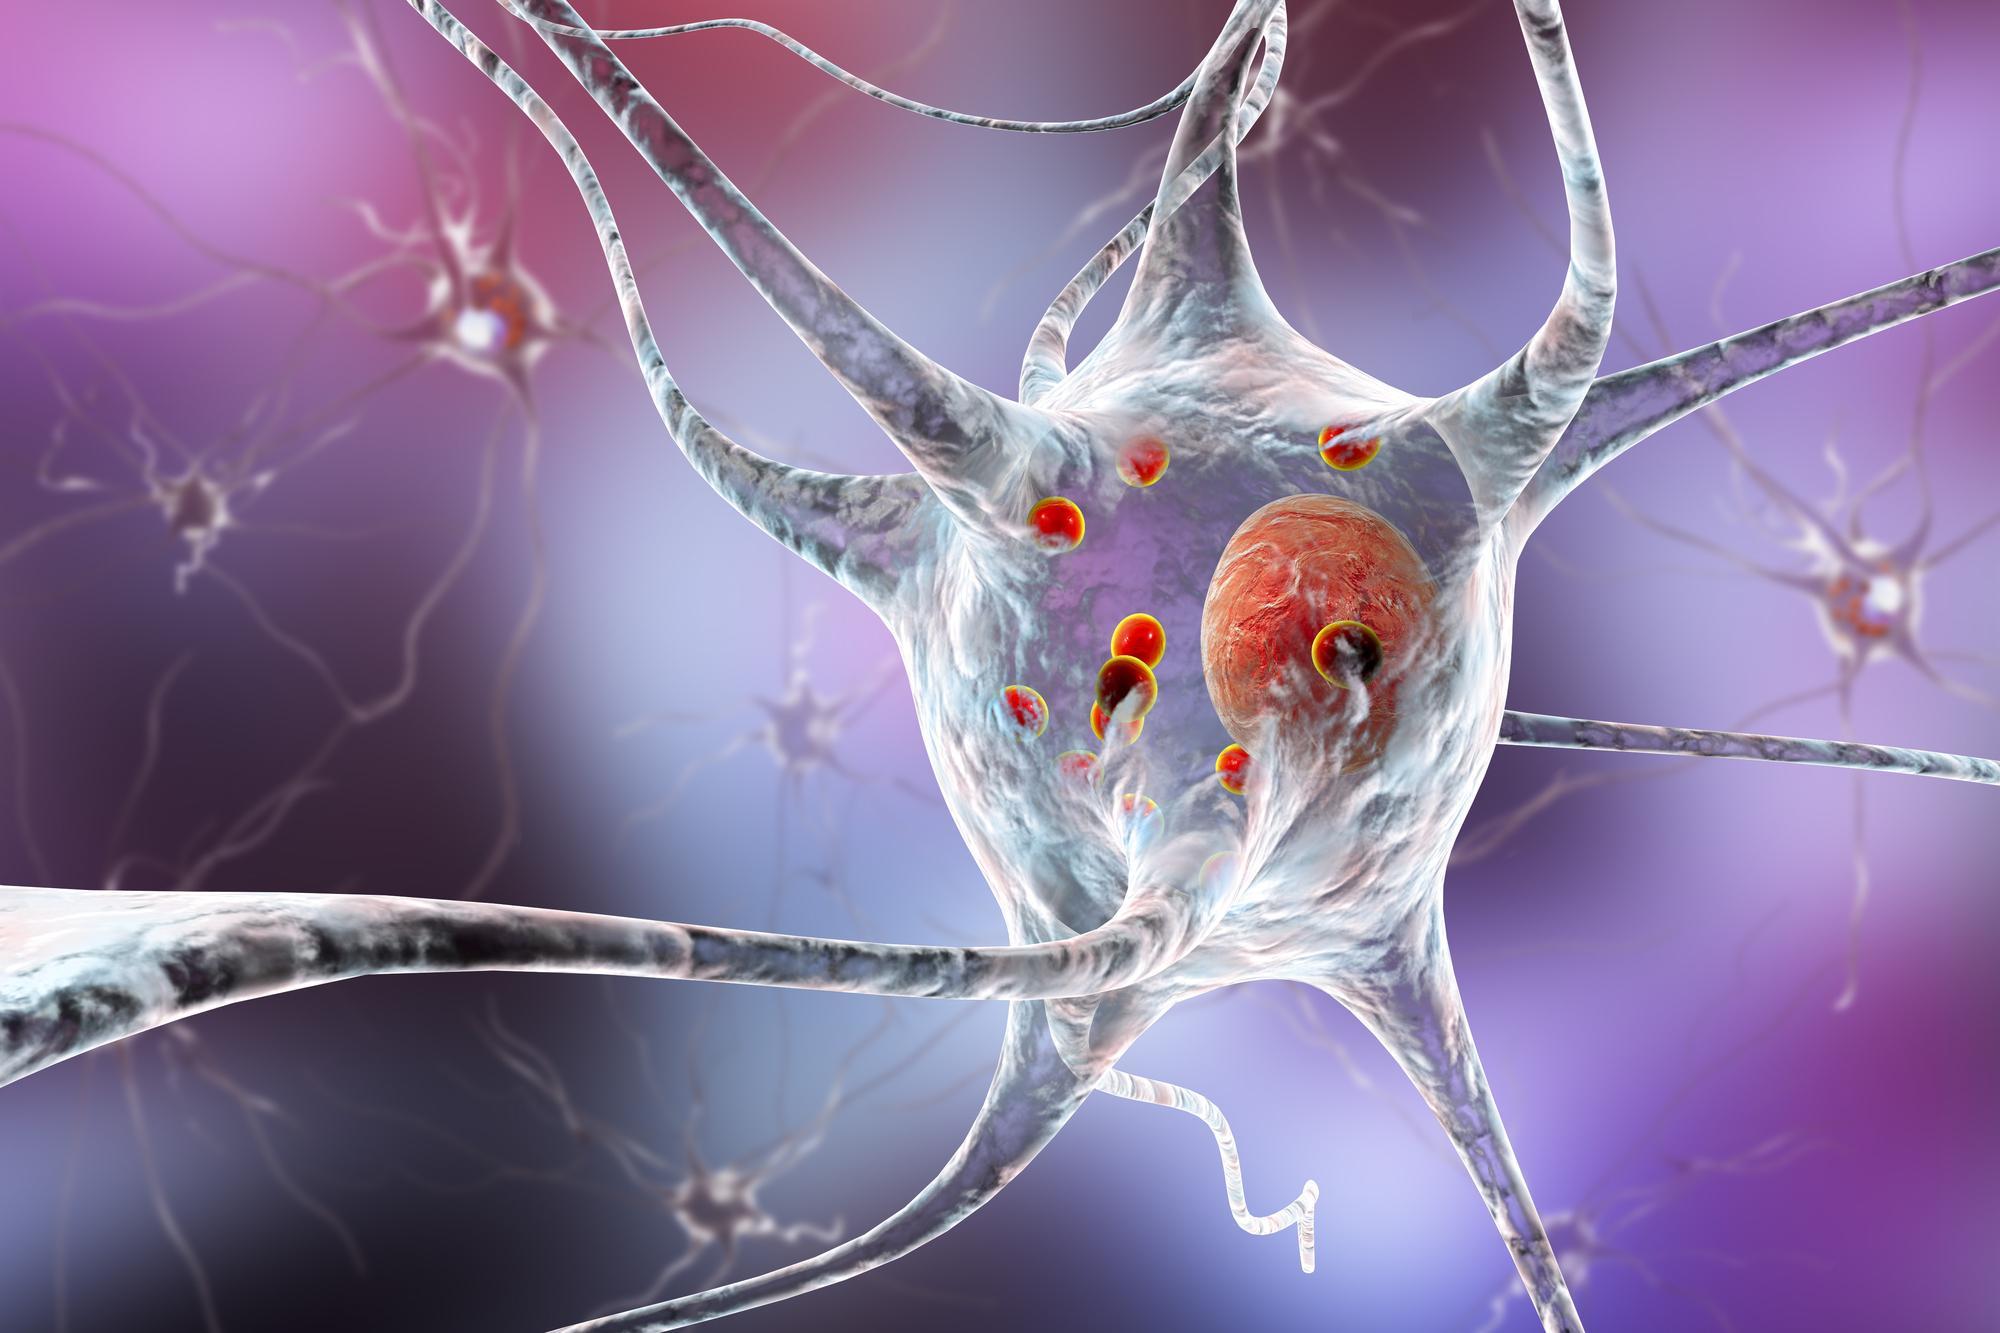 Взболтать, но не смешивать: «белковые капли» в нейронах — возможный ключ к объяснению механизмов нейродегенерации